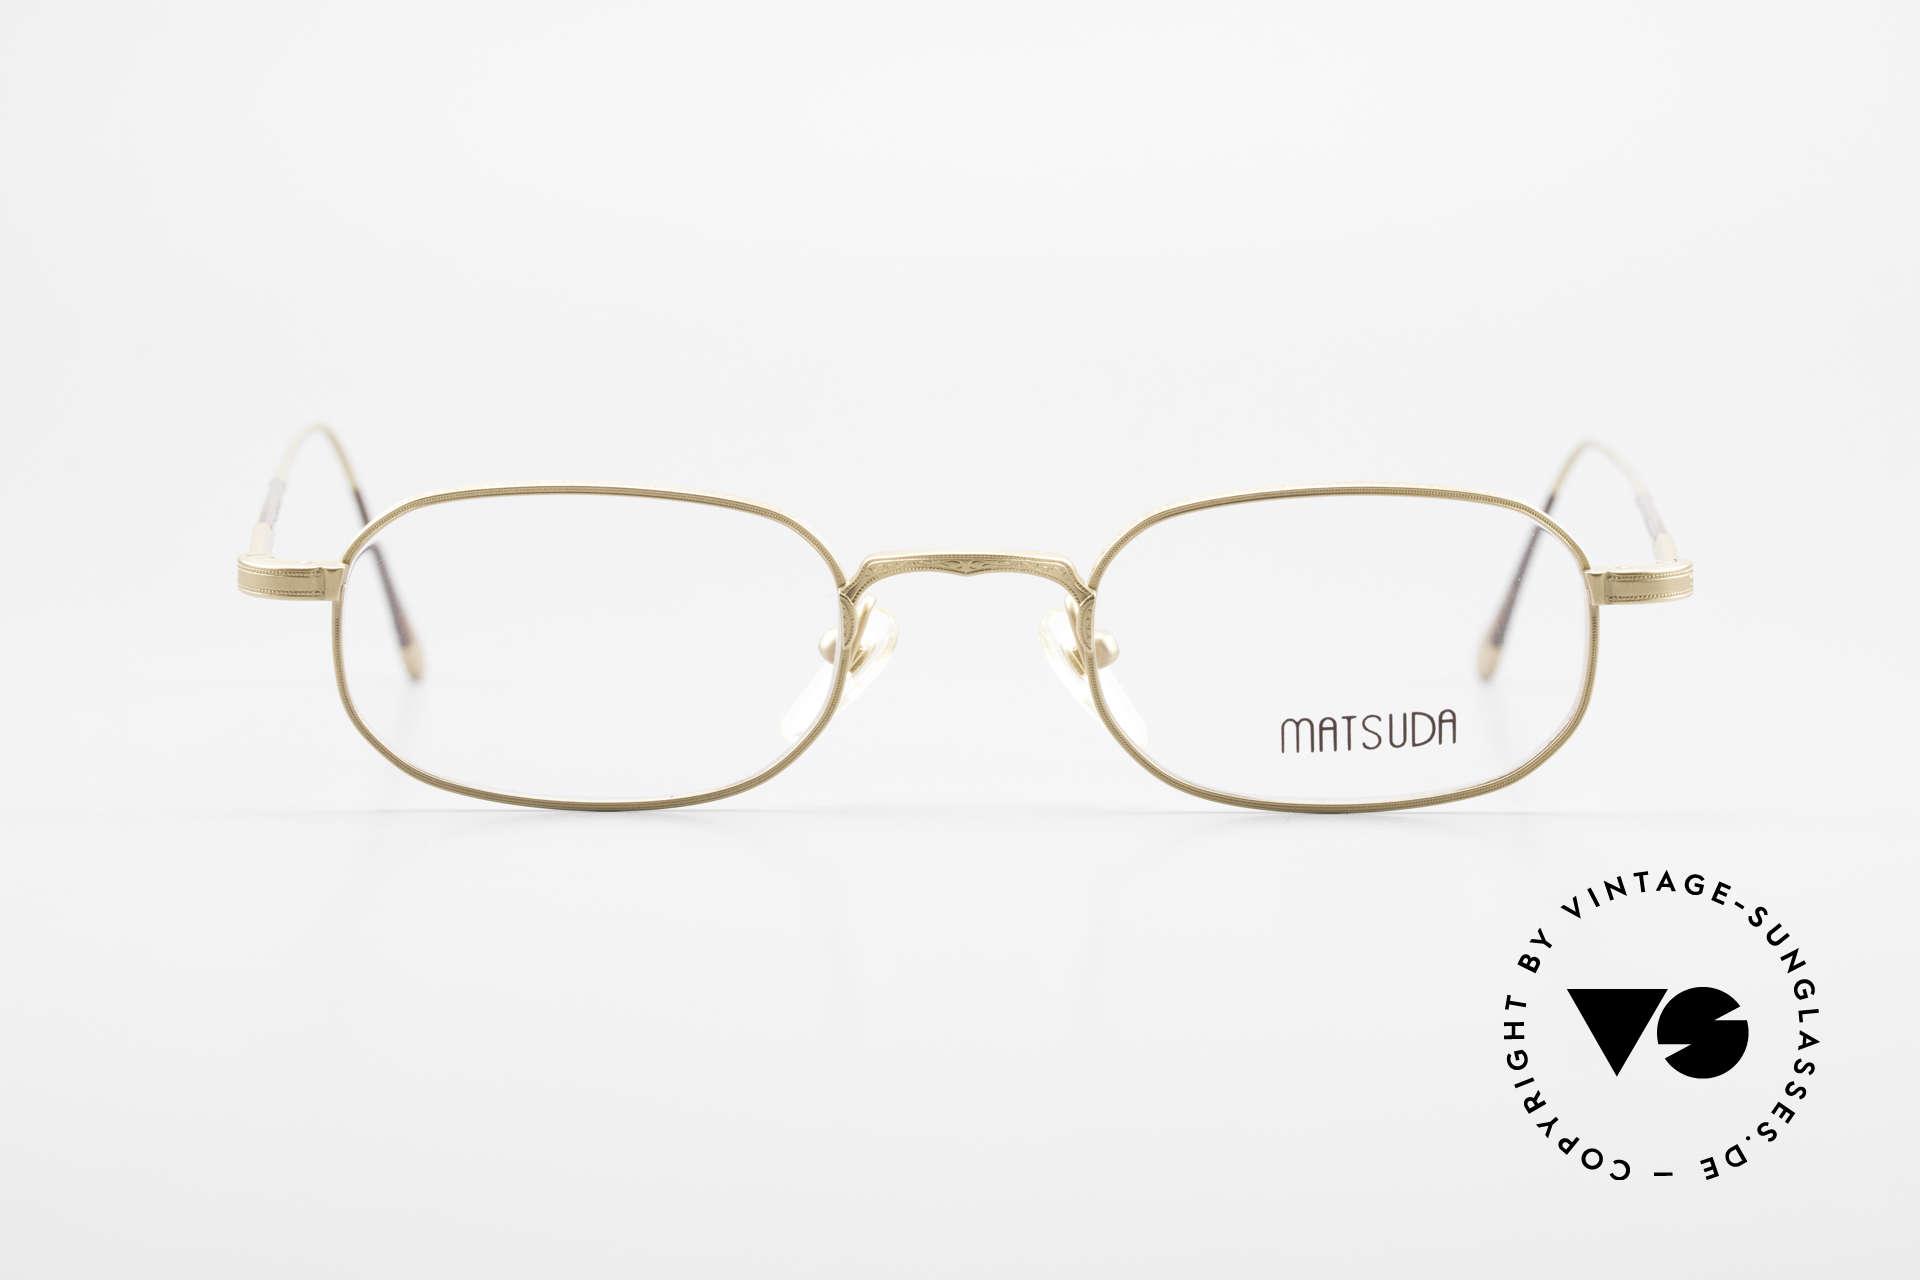 Matsuda 10108 Herrenbrille 90er High End, unglaublich hochwertige Fassung mit Liebe zum Detail, Passend für Herren